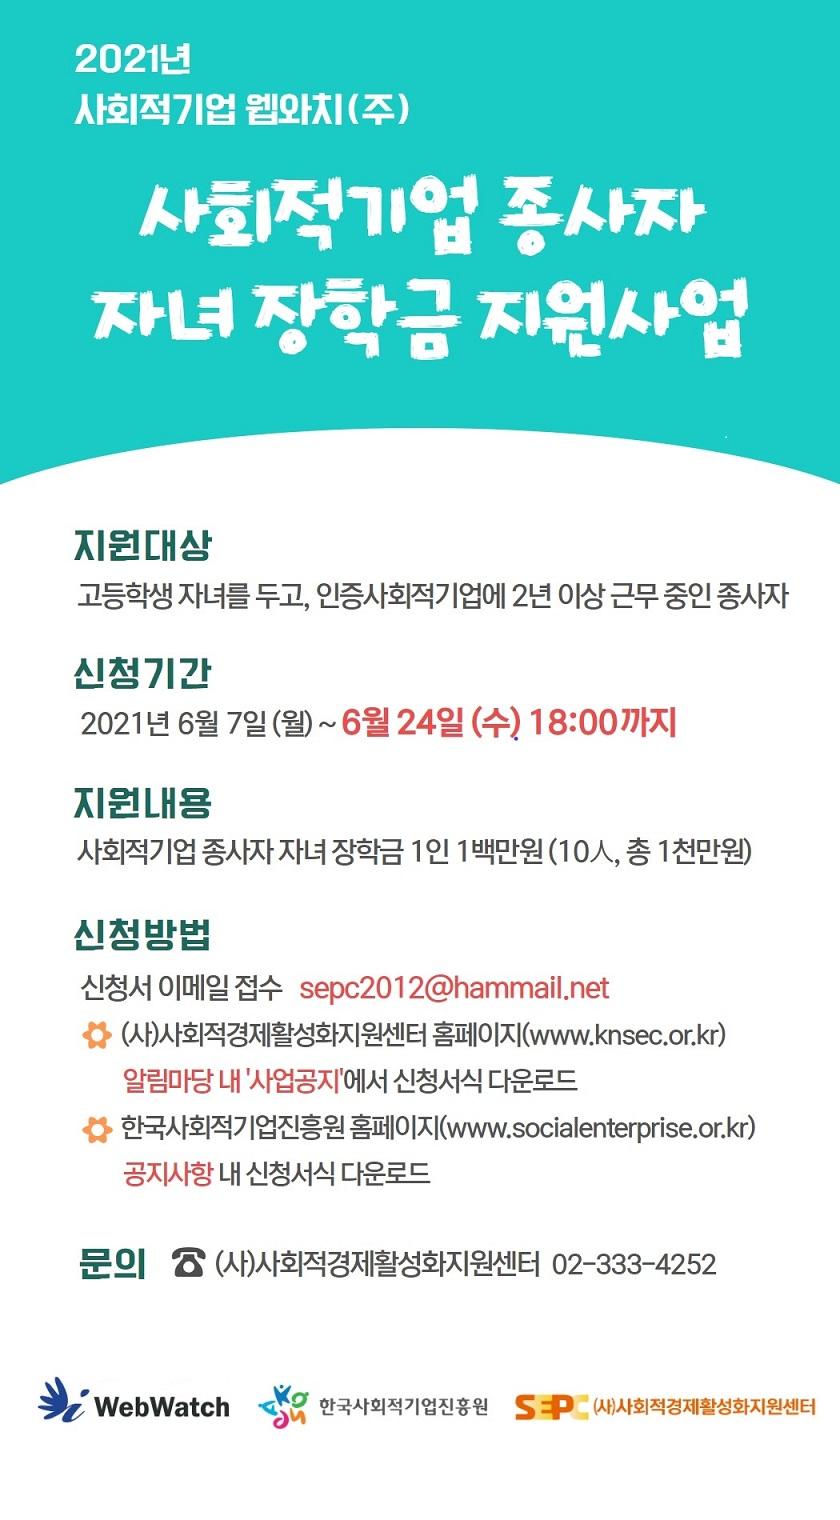 [안내] 한국사회적기업진흥원 | 2021년 사회적기업 종사자 자녀 장학금 지원사업 공모 (~6.24)